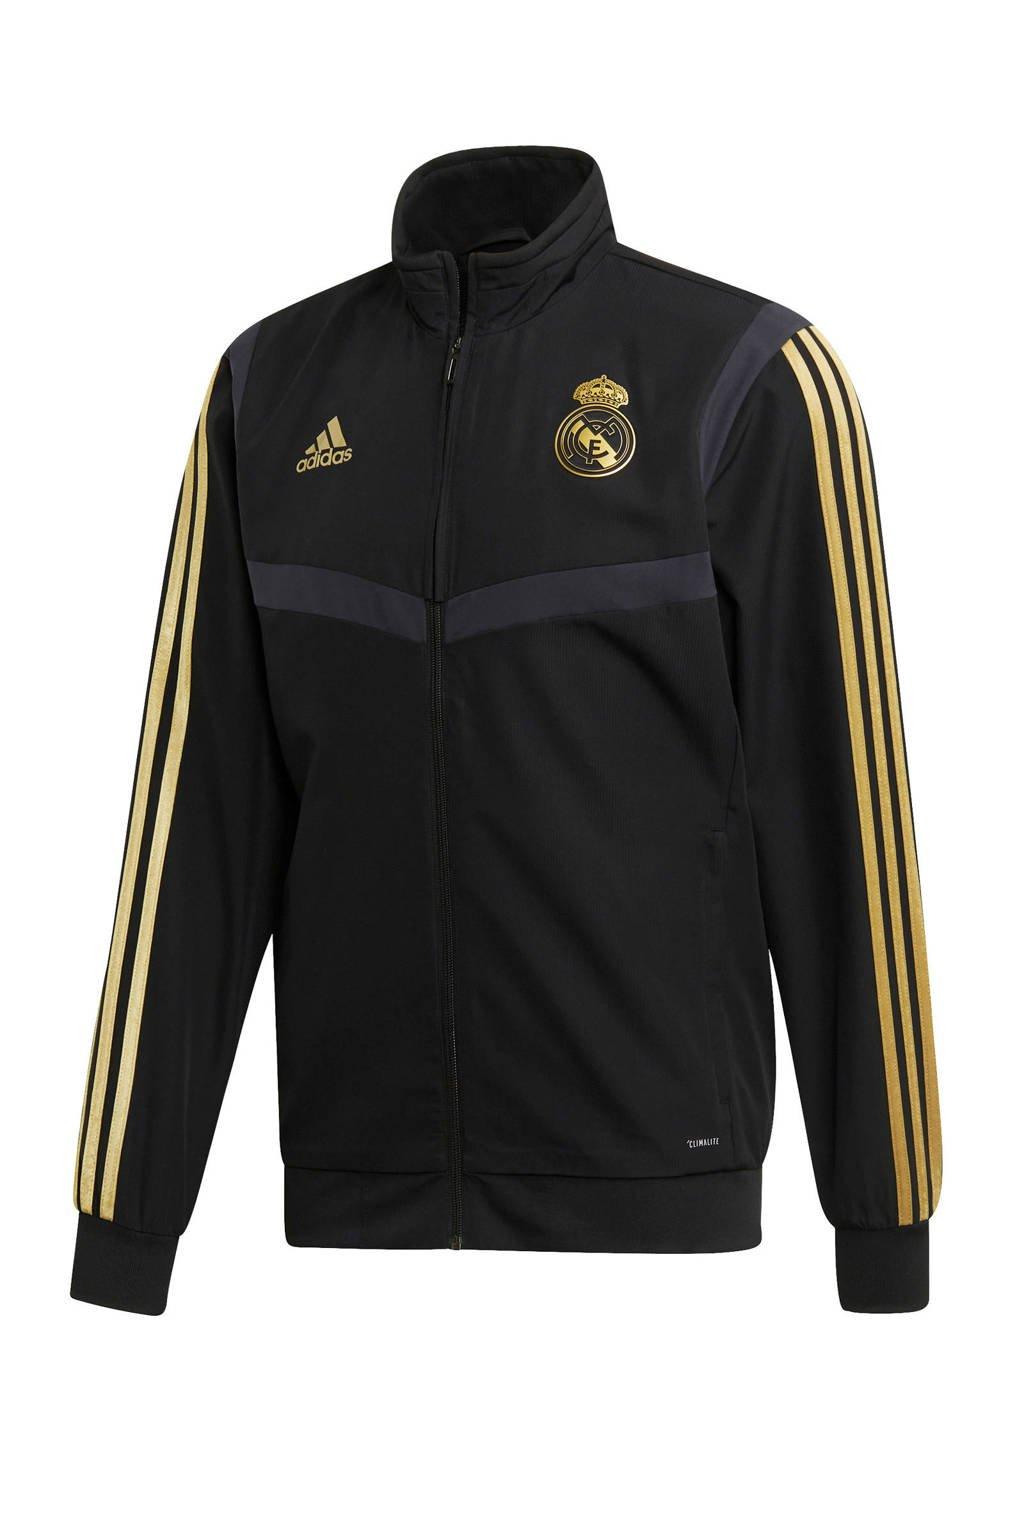 adidas Senior Real Madrid voetbaljack Presentatie, Zwart/goud